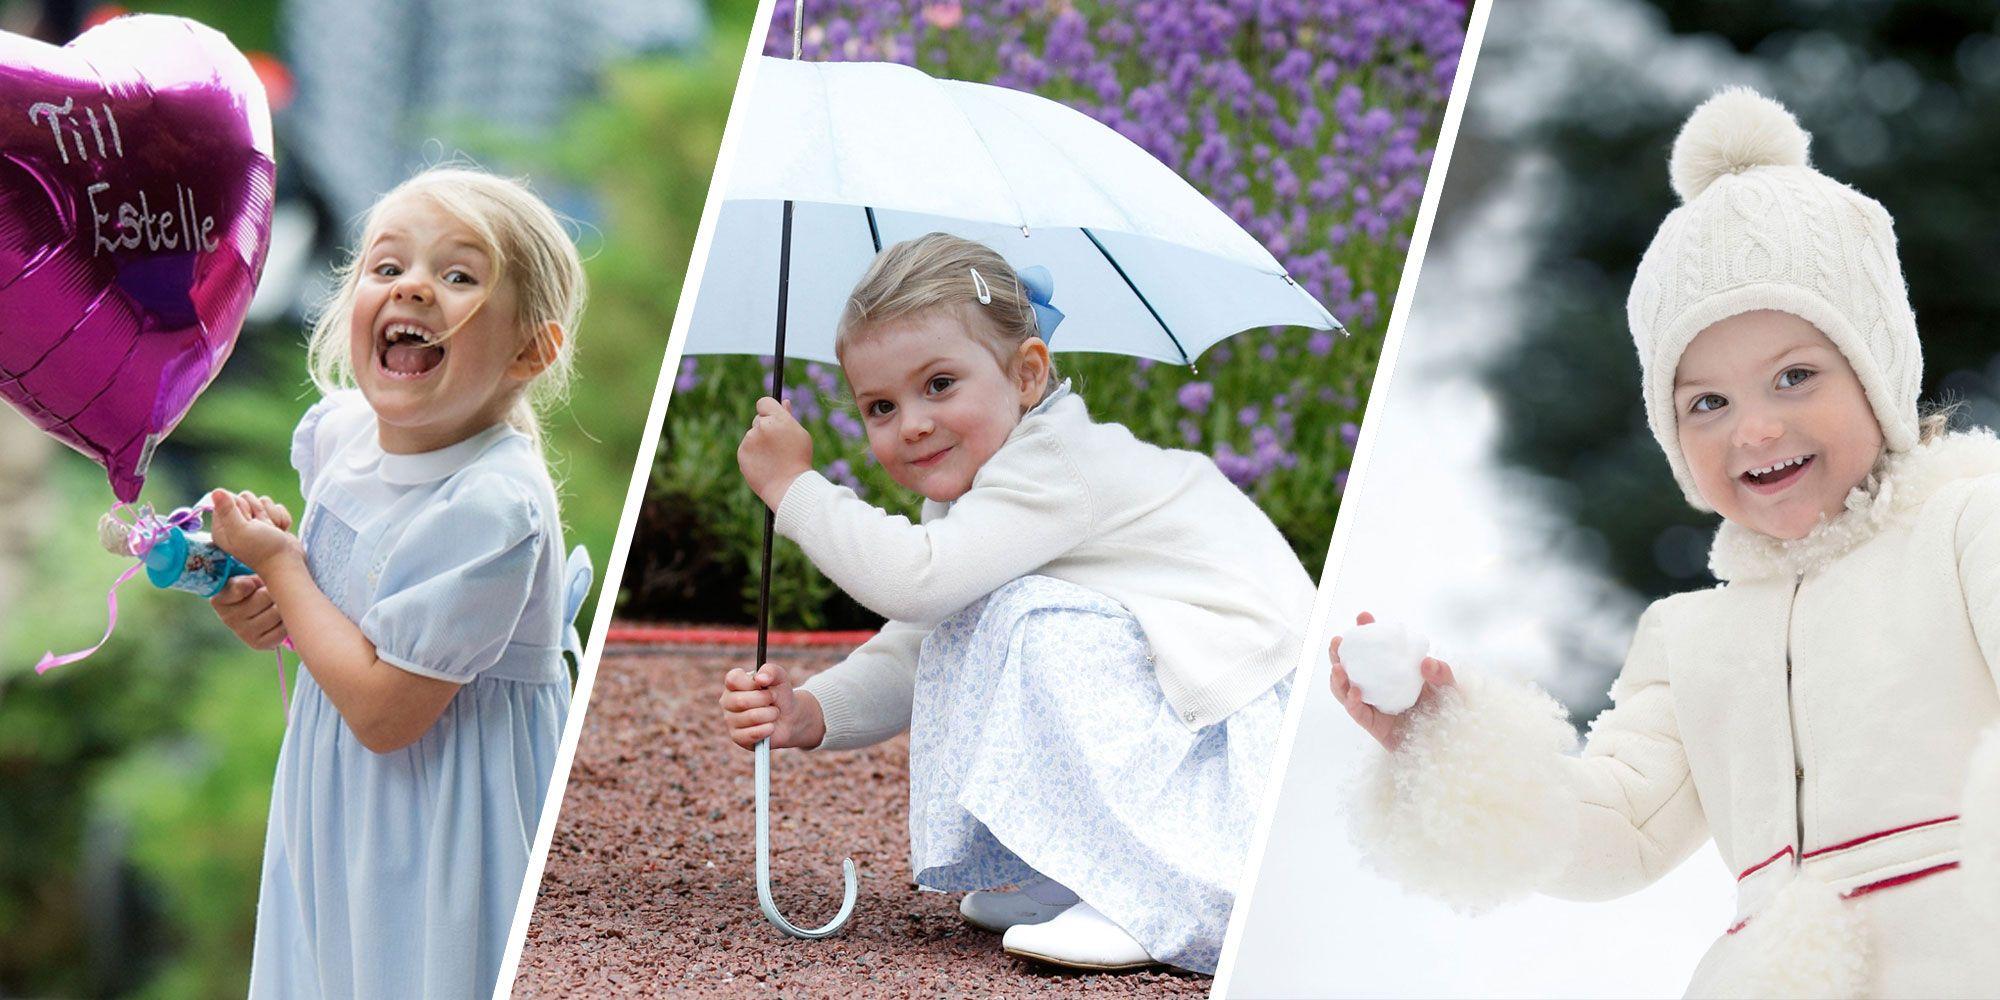 princess estelle sweden photos